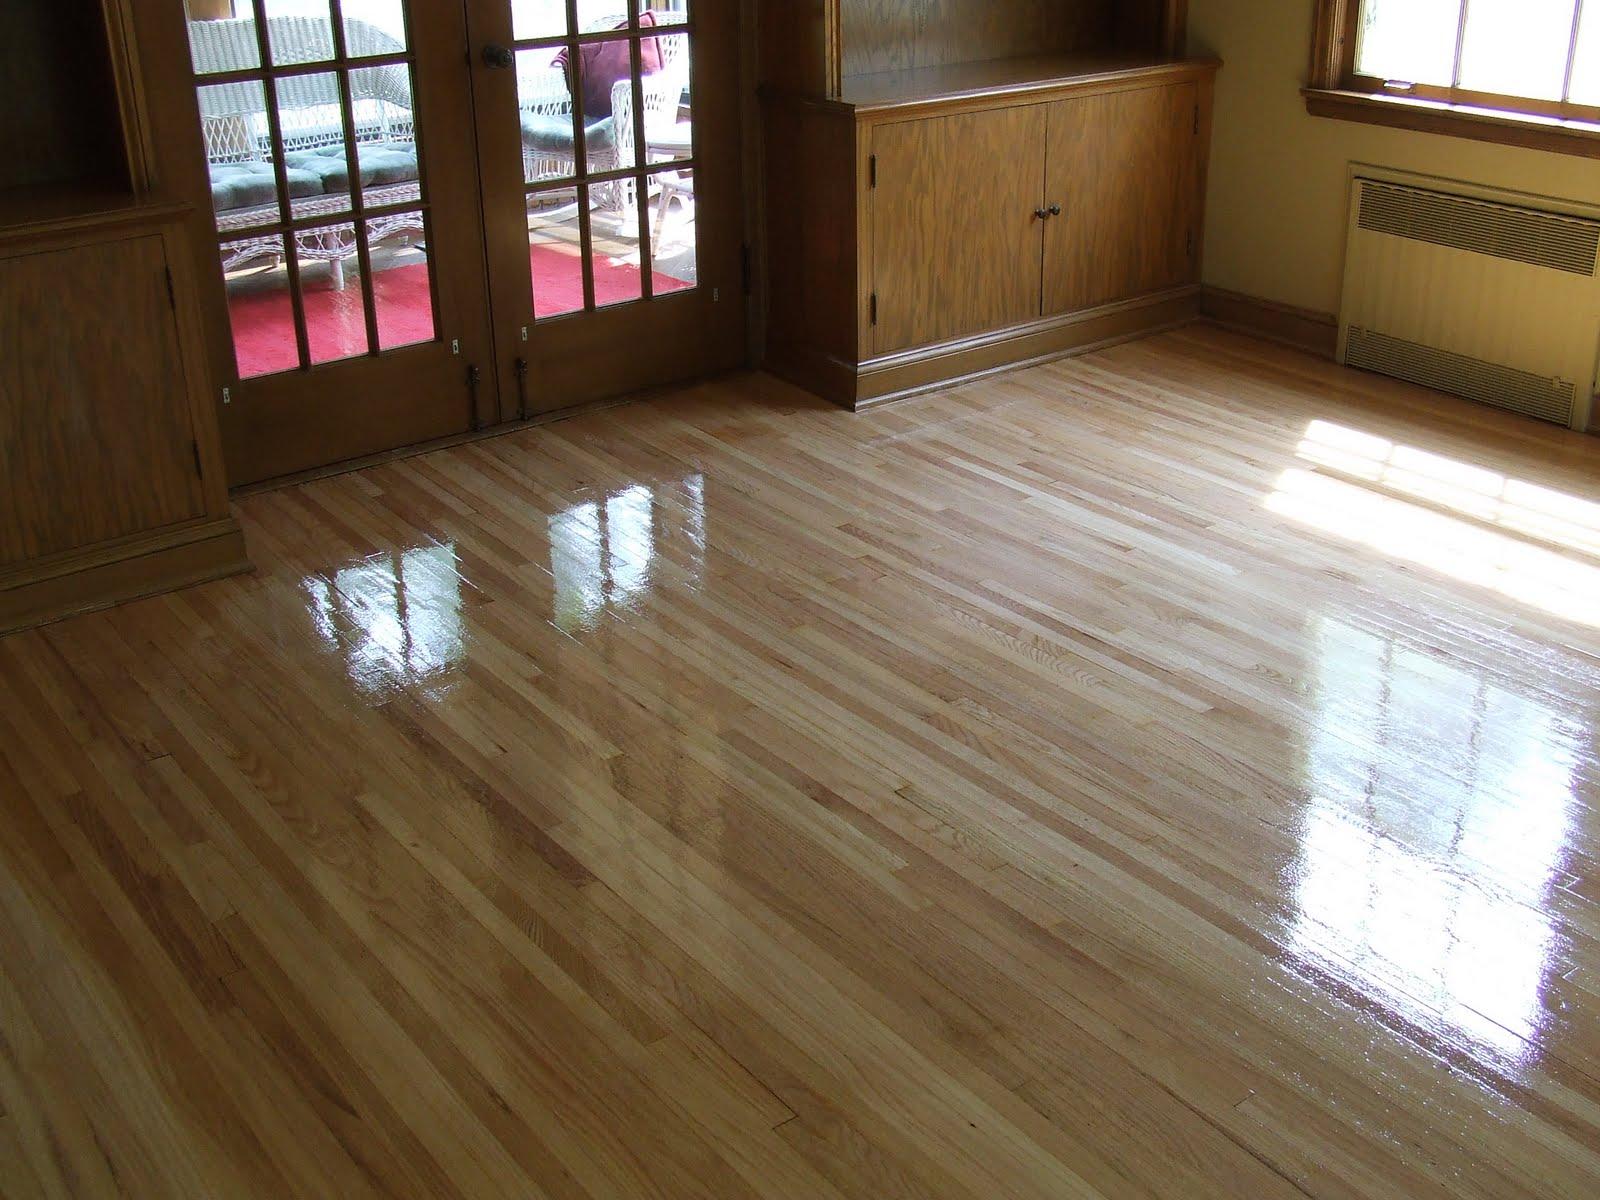 KeralaArchitectcom Wood Flooring Options in Kerala